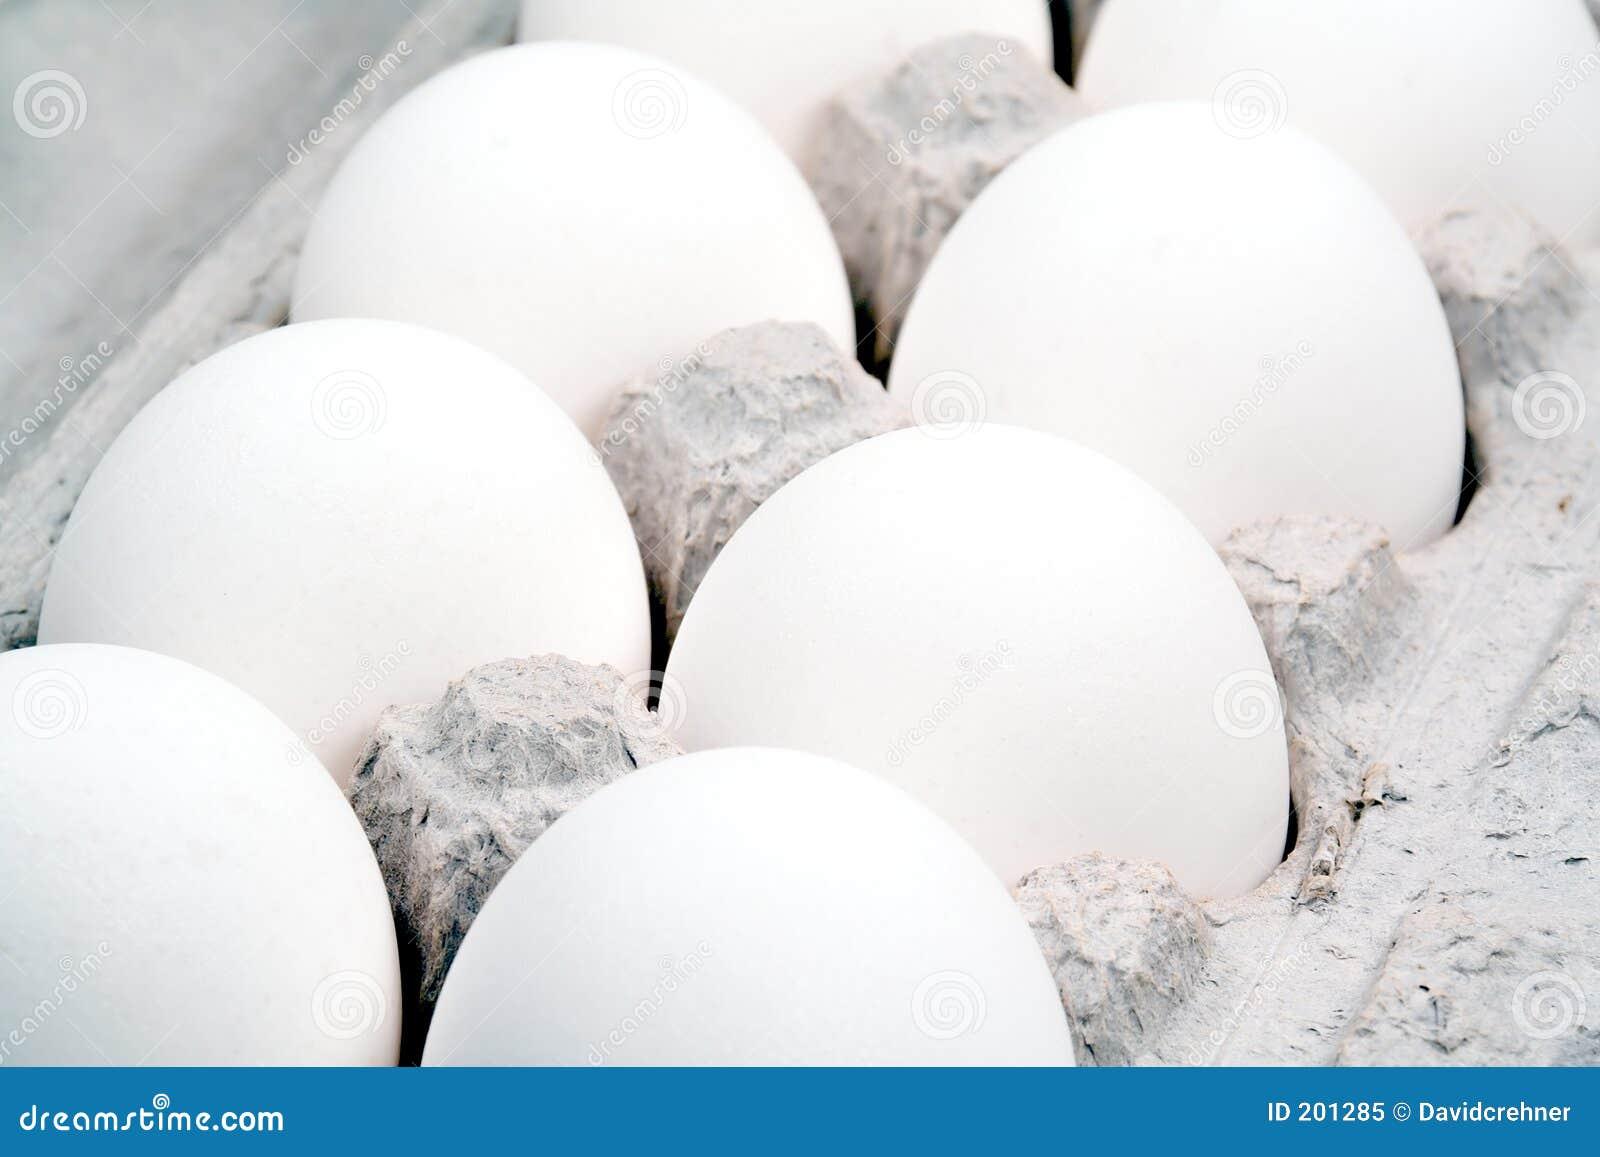 Primo piano estremo delle uova un dozzina